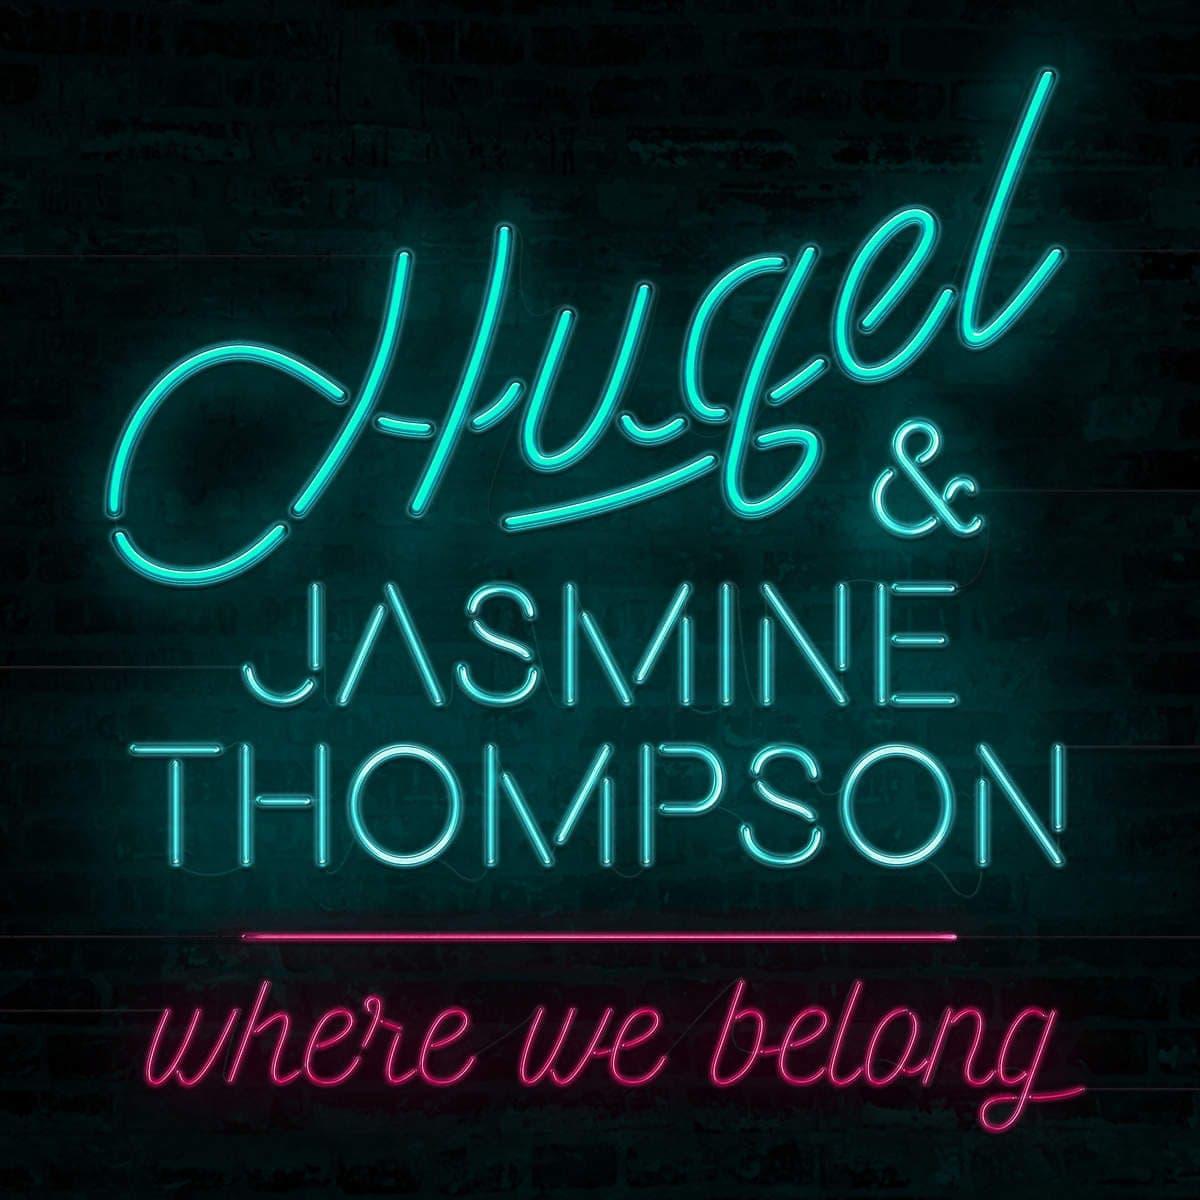 Where We Belong (ft Jasmine Thompson) - Hugel